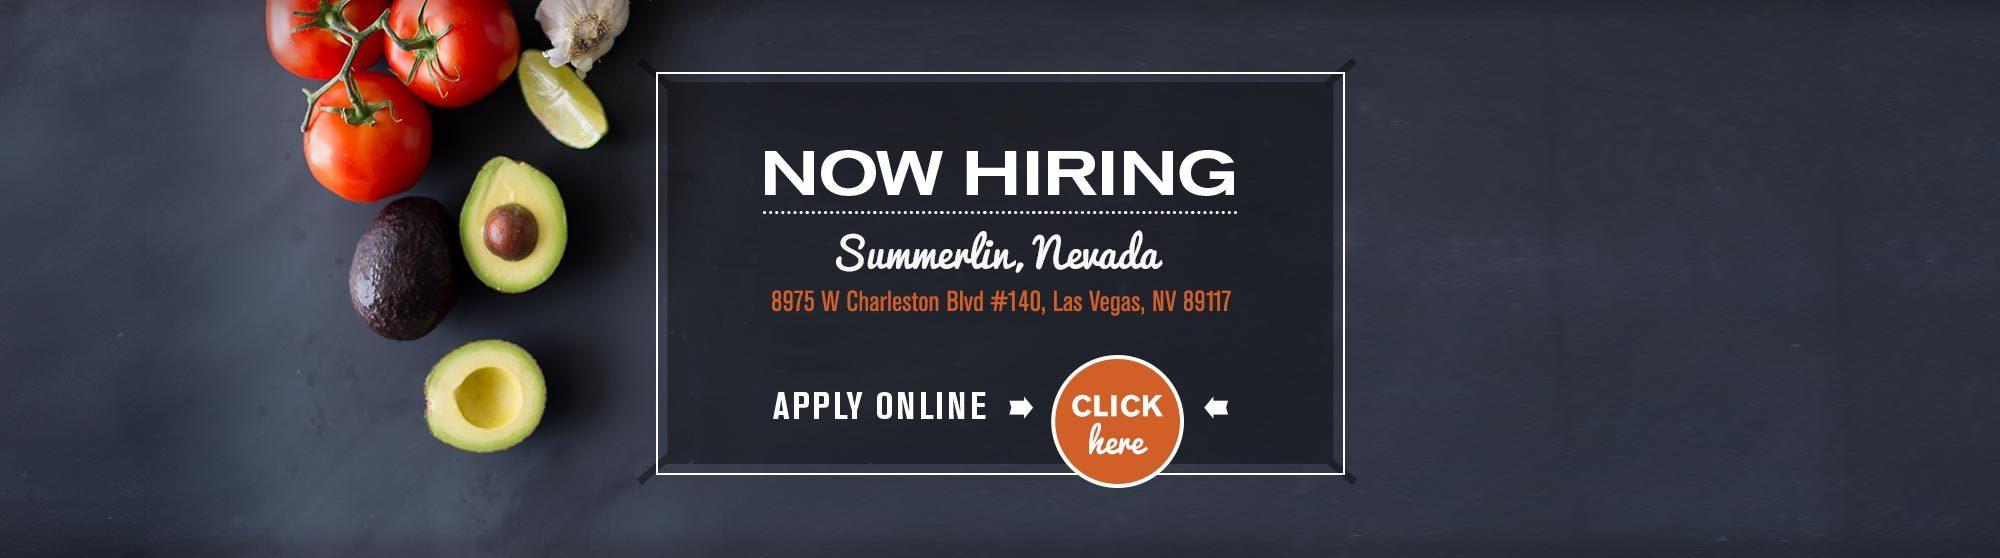 sh-homepage-summerlin-now-hiring